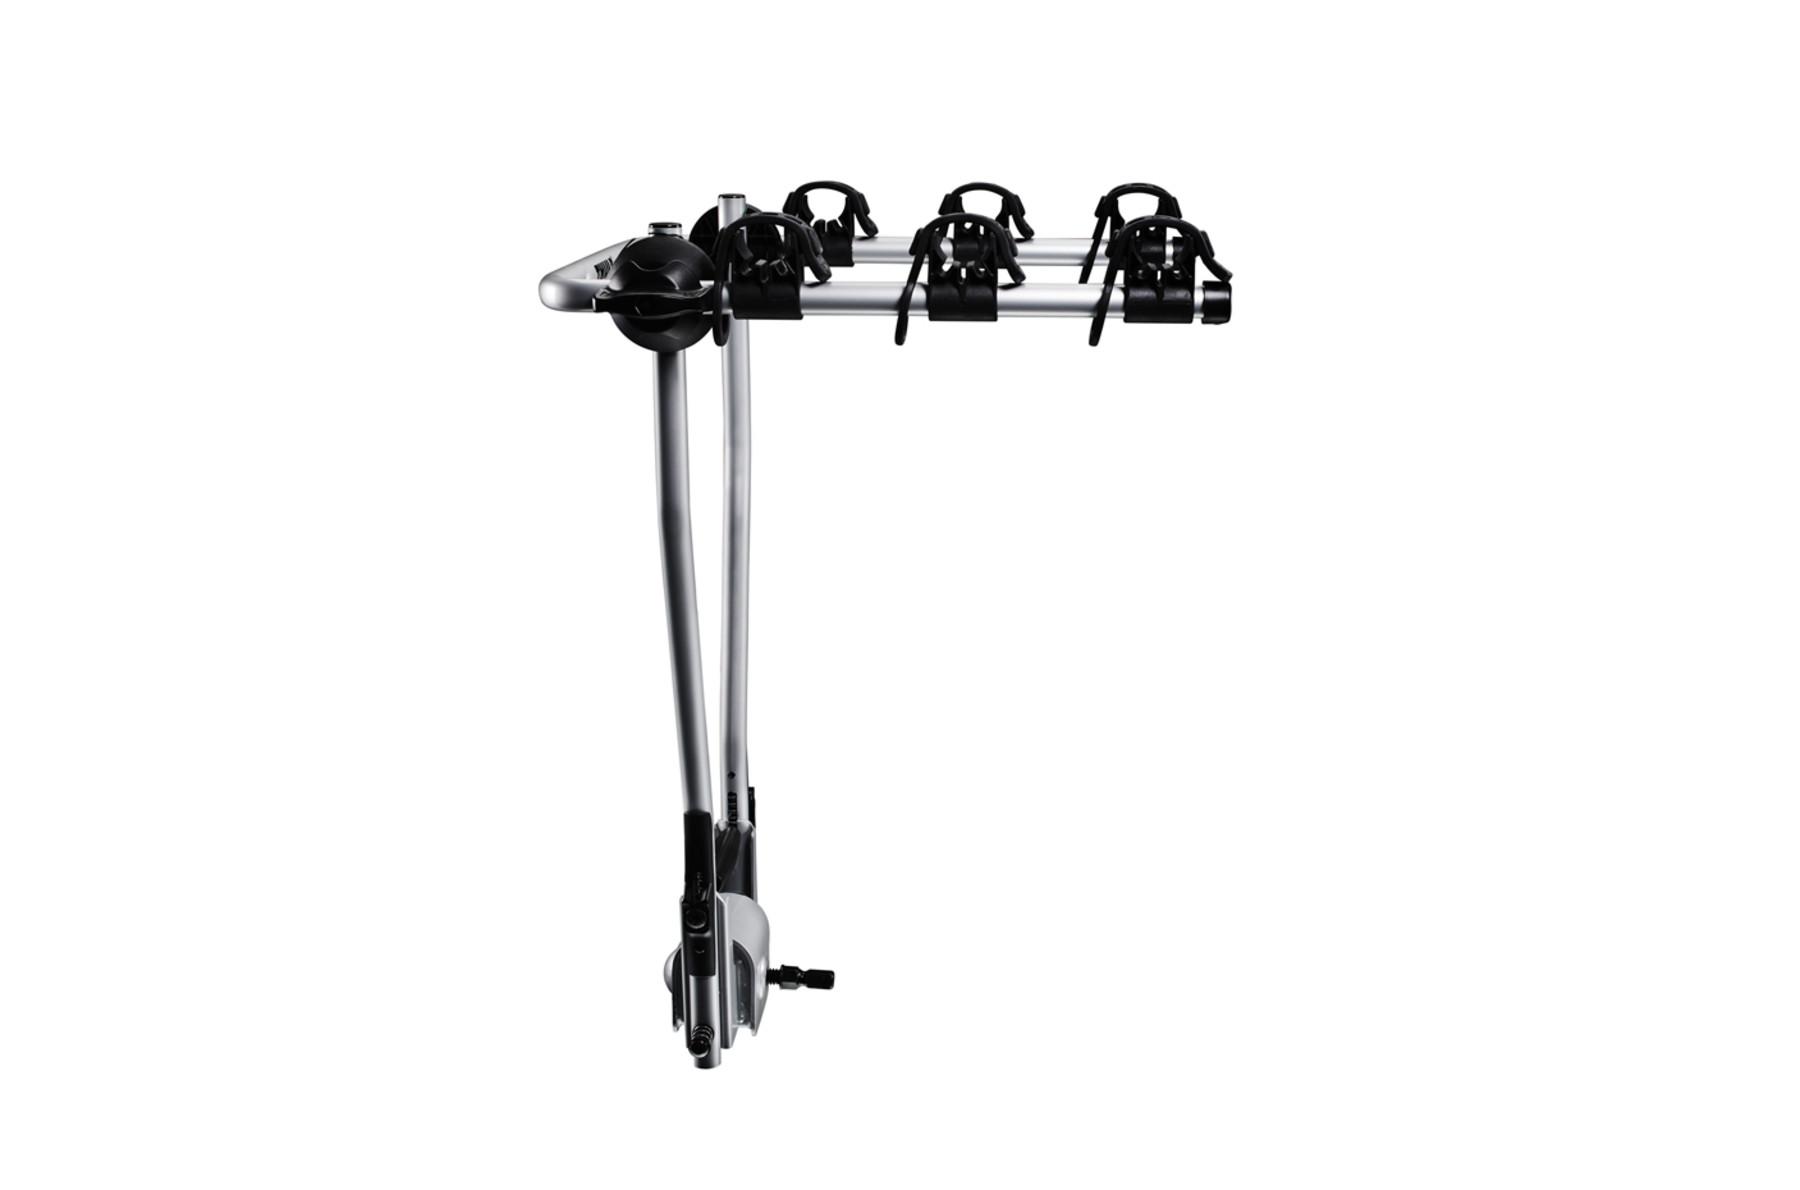 Suporte Engate Thule HangOn 972 -3 Bicicletas